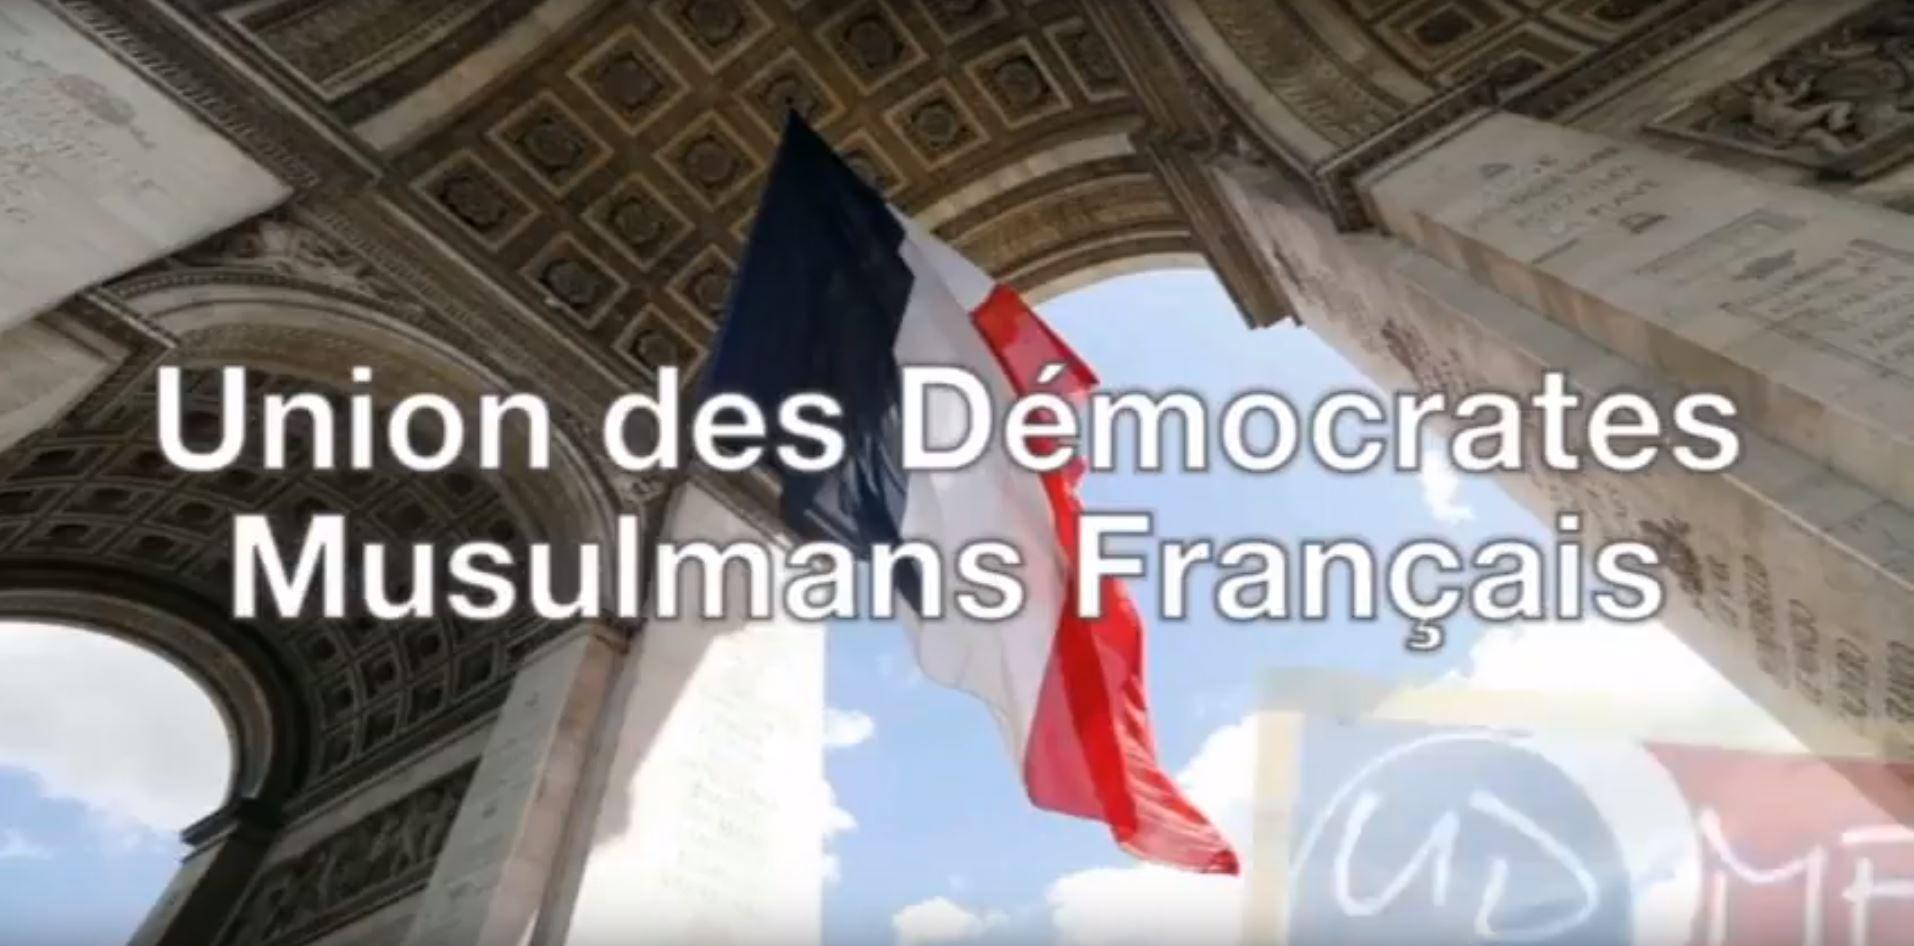 Αποτέλεσμα εικόνας για «Aux européennes, une liste promeut le communautarisme musulman»